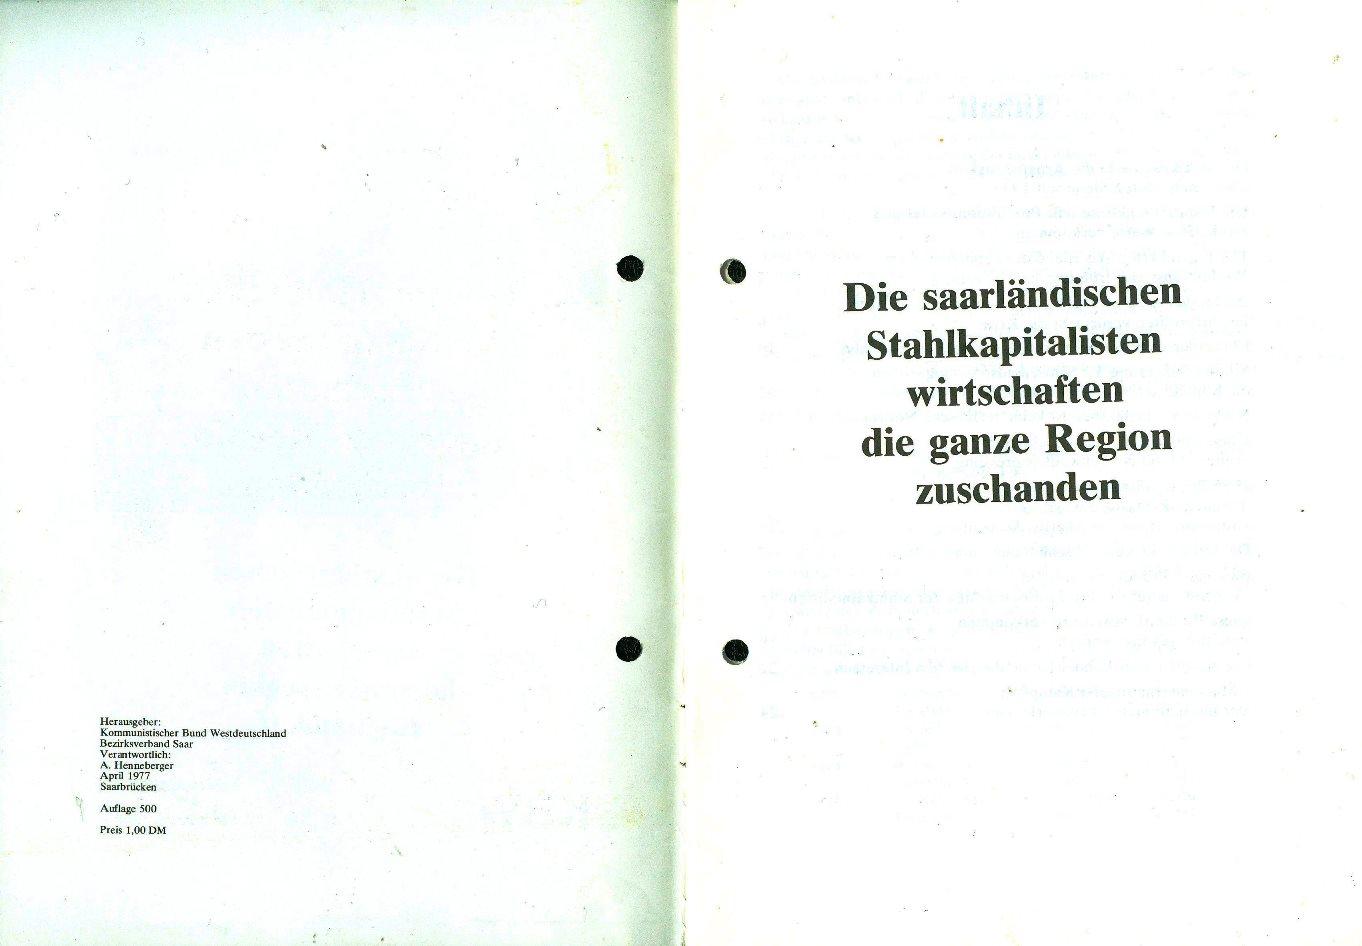 Saarstahl002